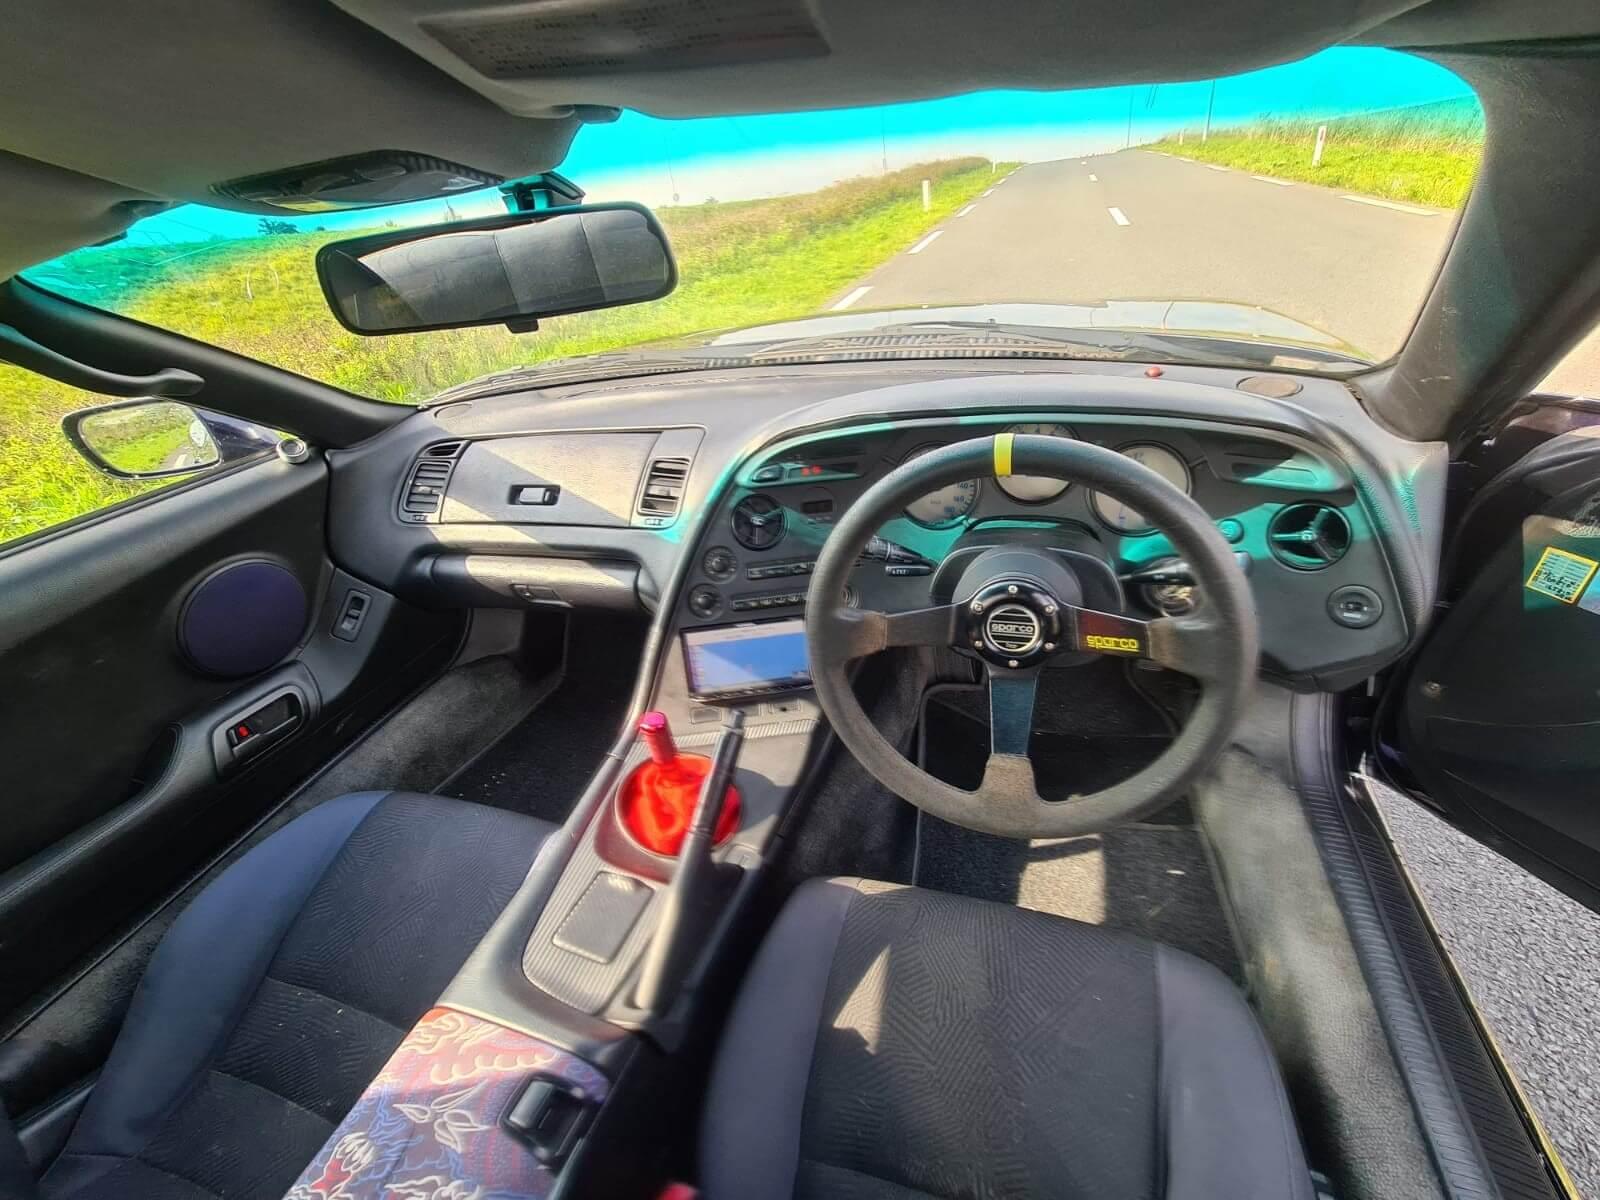 Toyota-Supra-Non-Turbo-W58-5-Speed-8